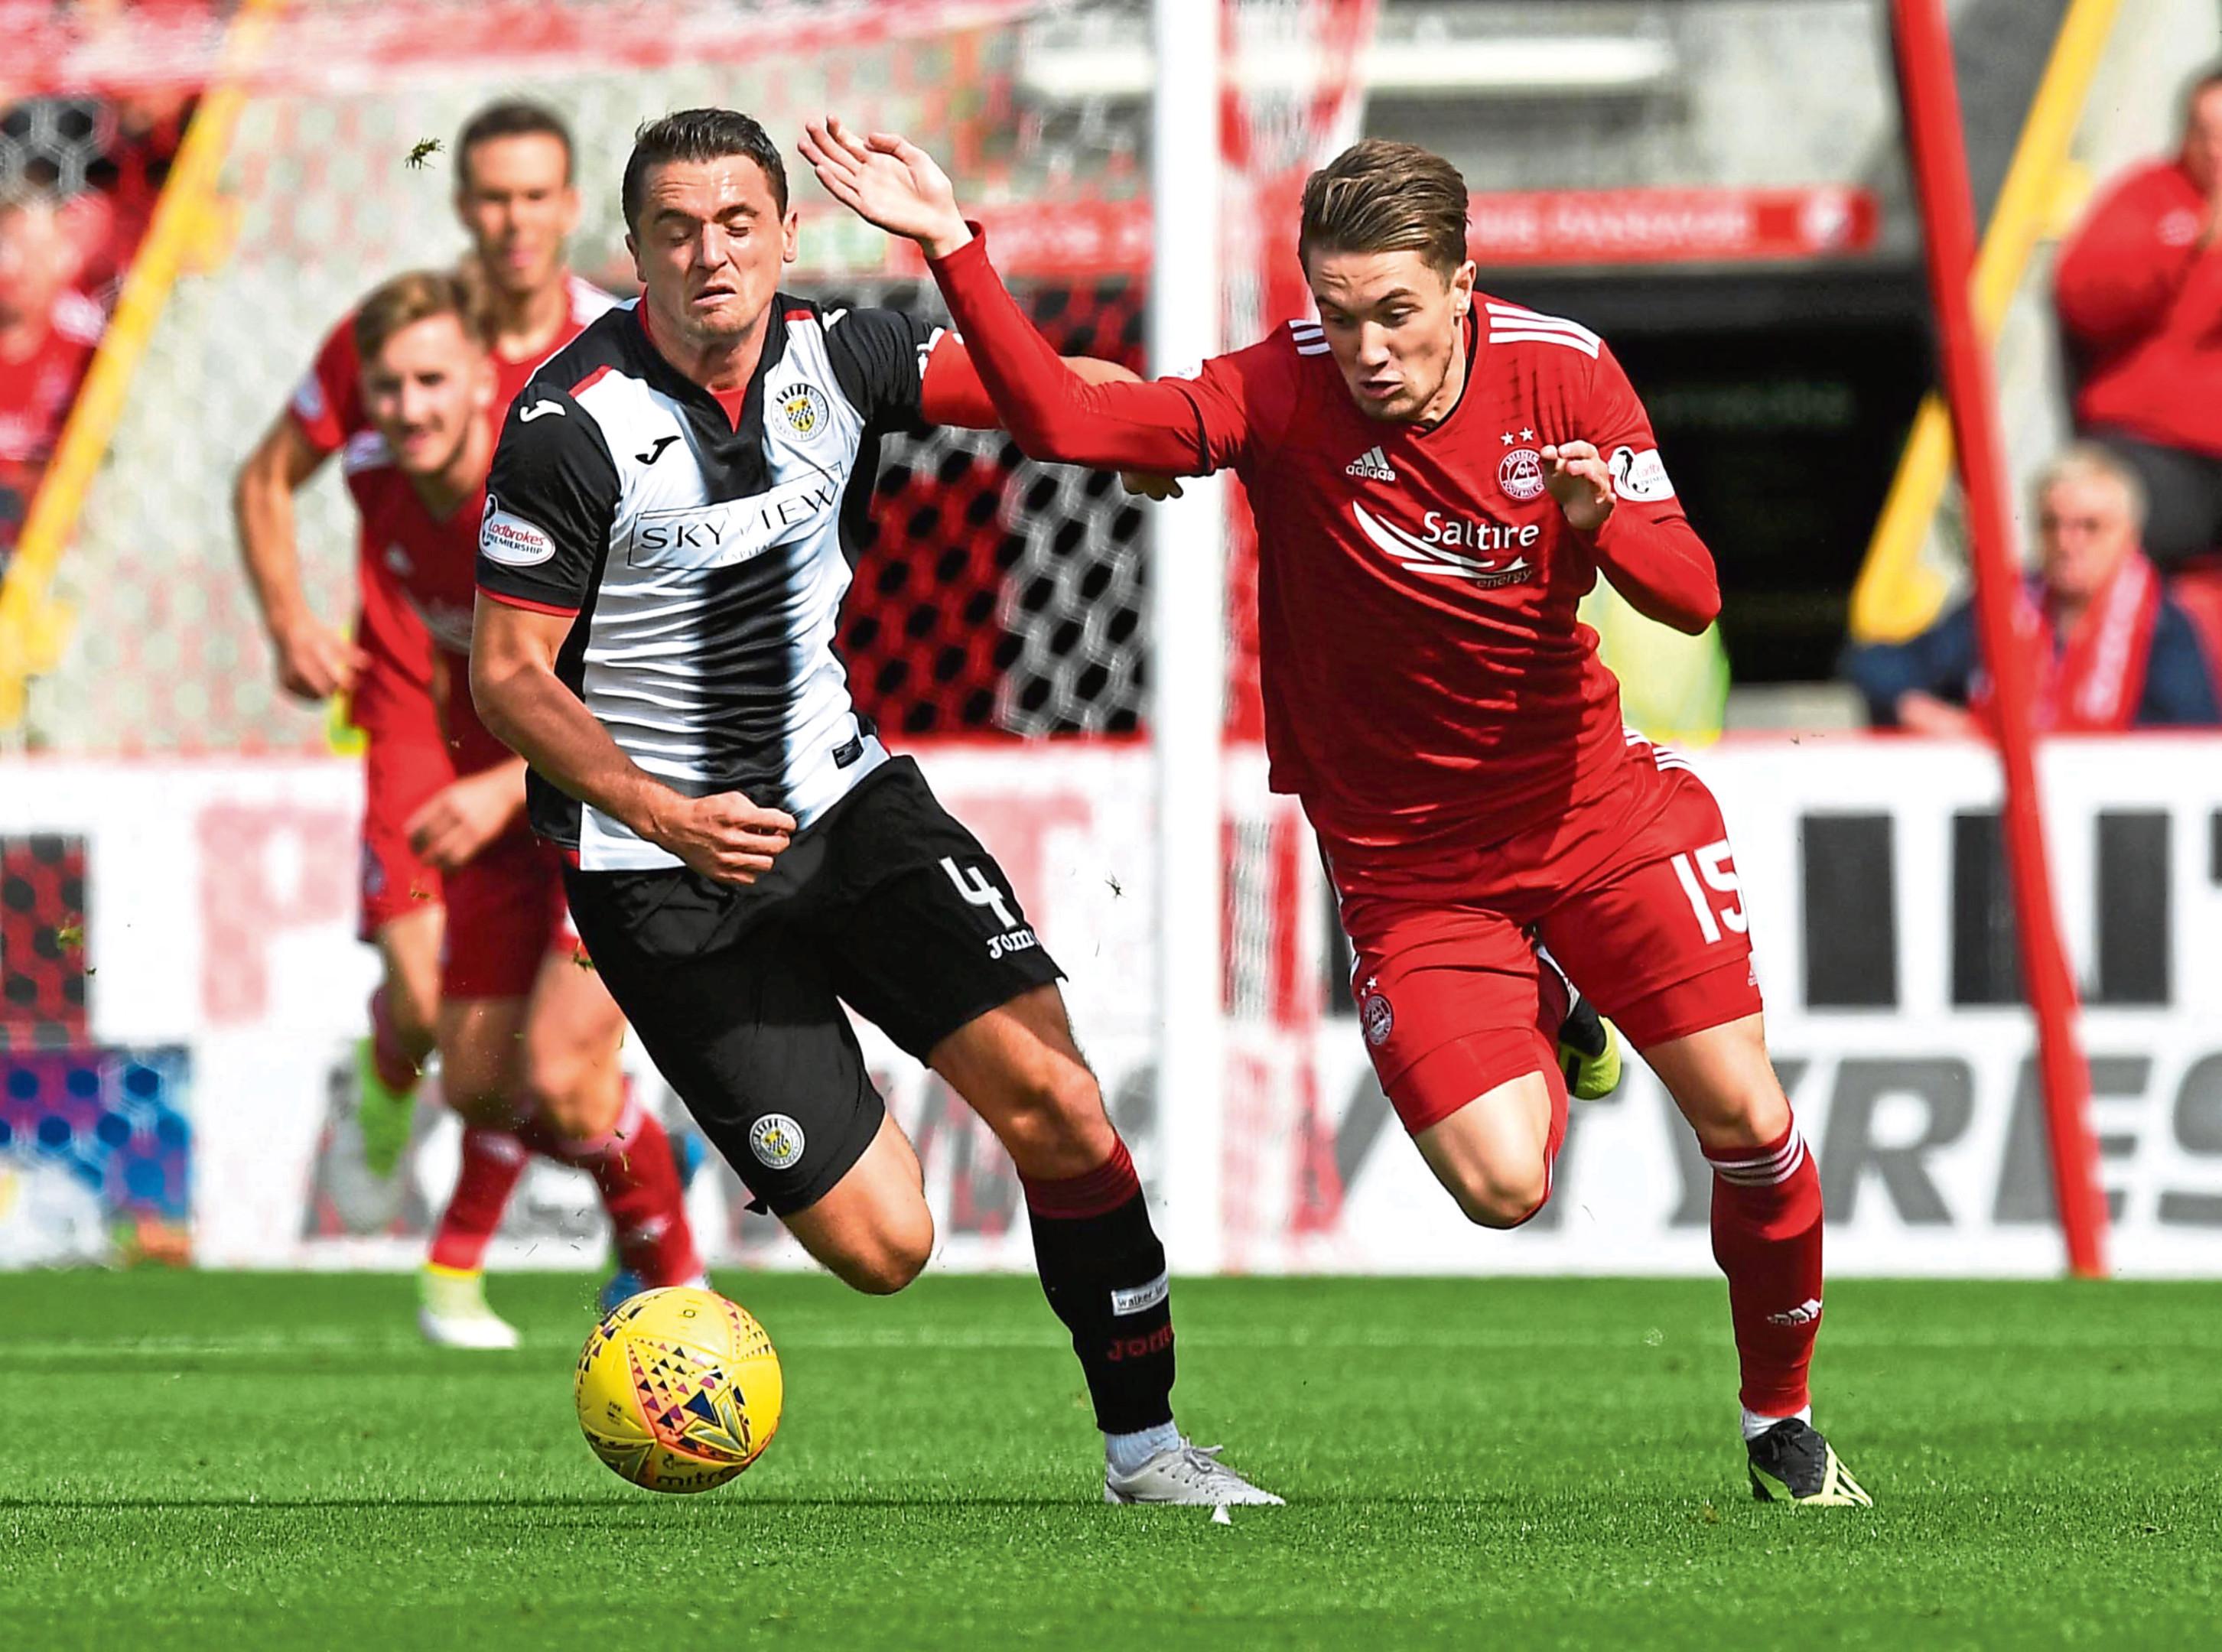 Aberdeen's Scott Wright, right, in action with St Mirren's Stephen McGinn.